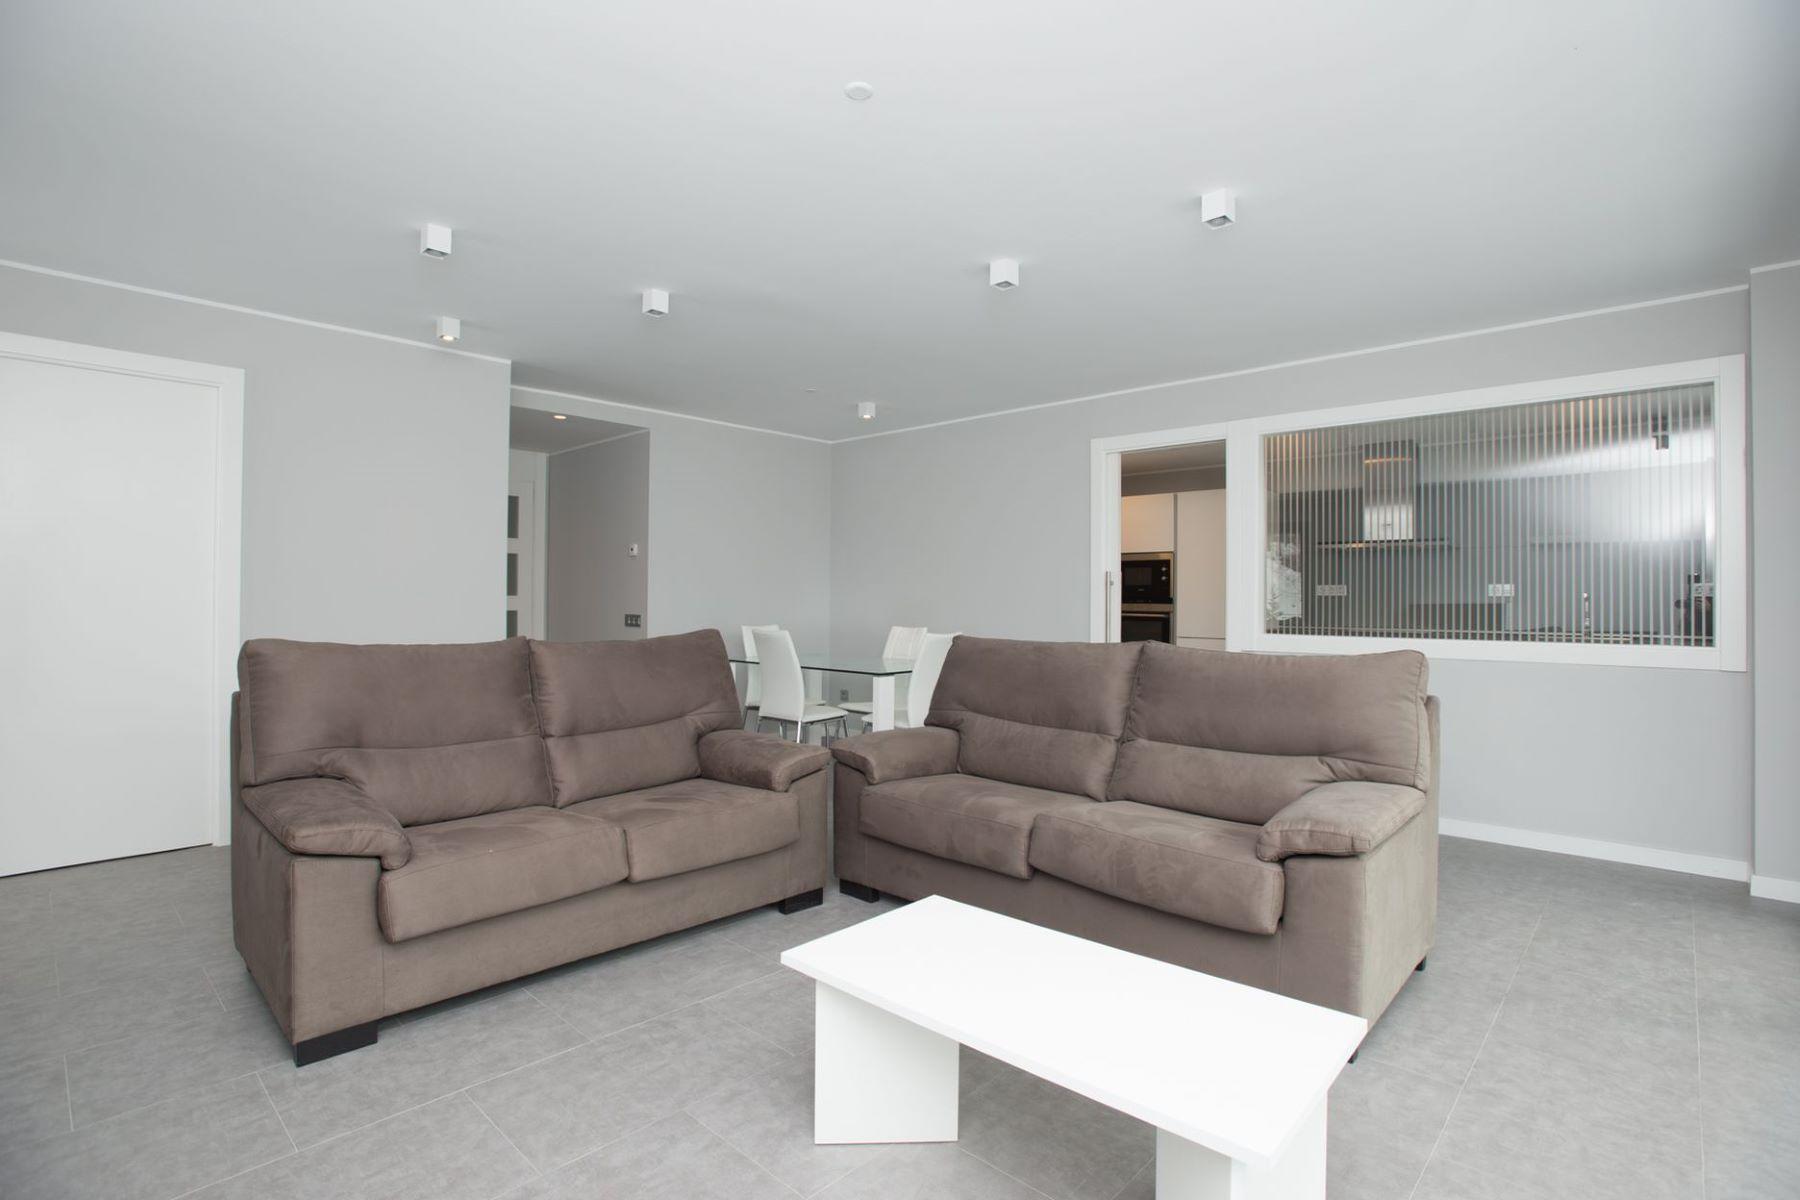 Doppelhaus für Verkauf beim Duplex for sale in Escaldes-Engordany Escaldes Engordany, Escaldes Engordany, AD700 Andorra